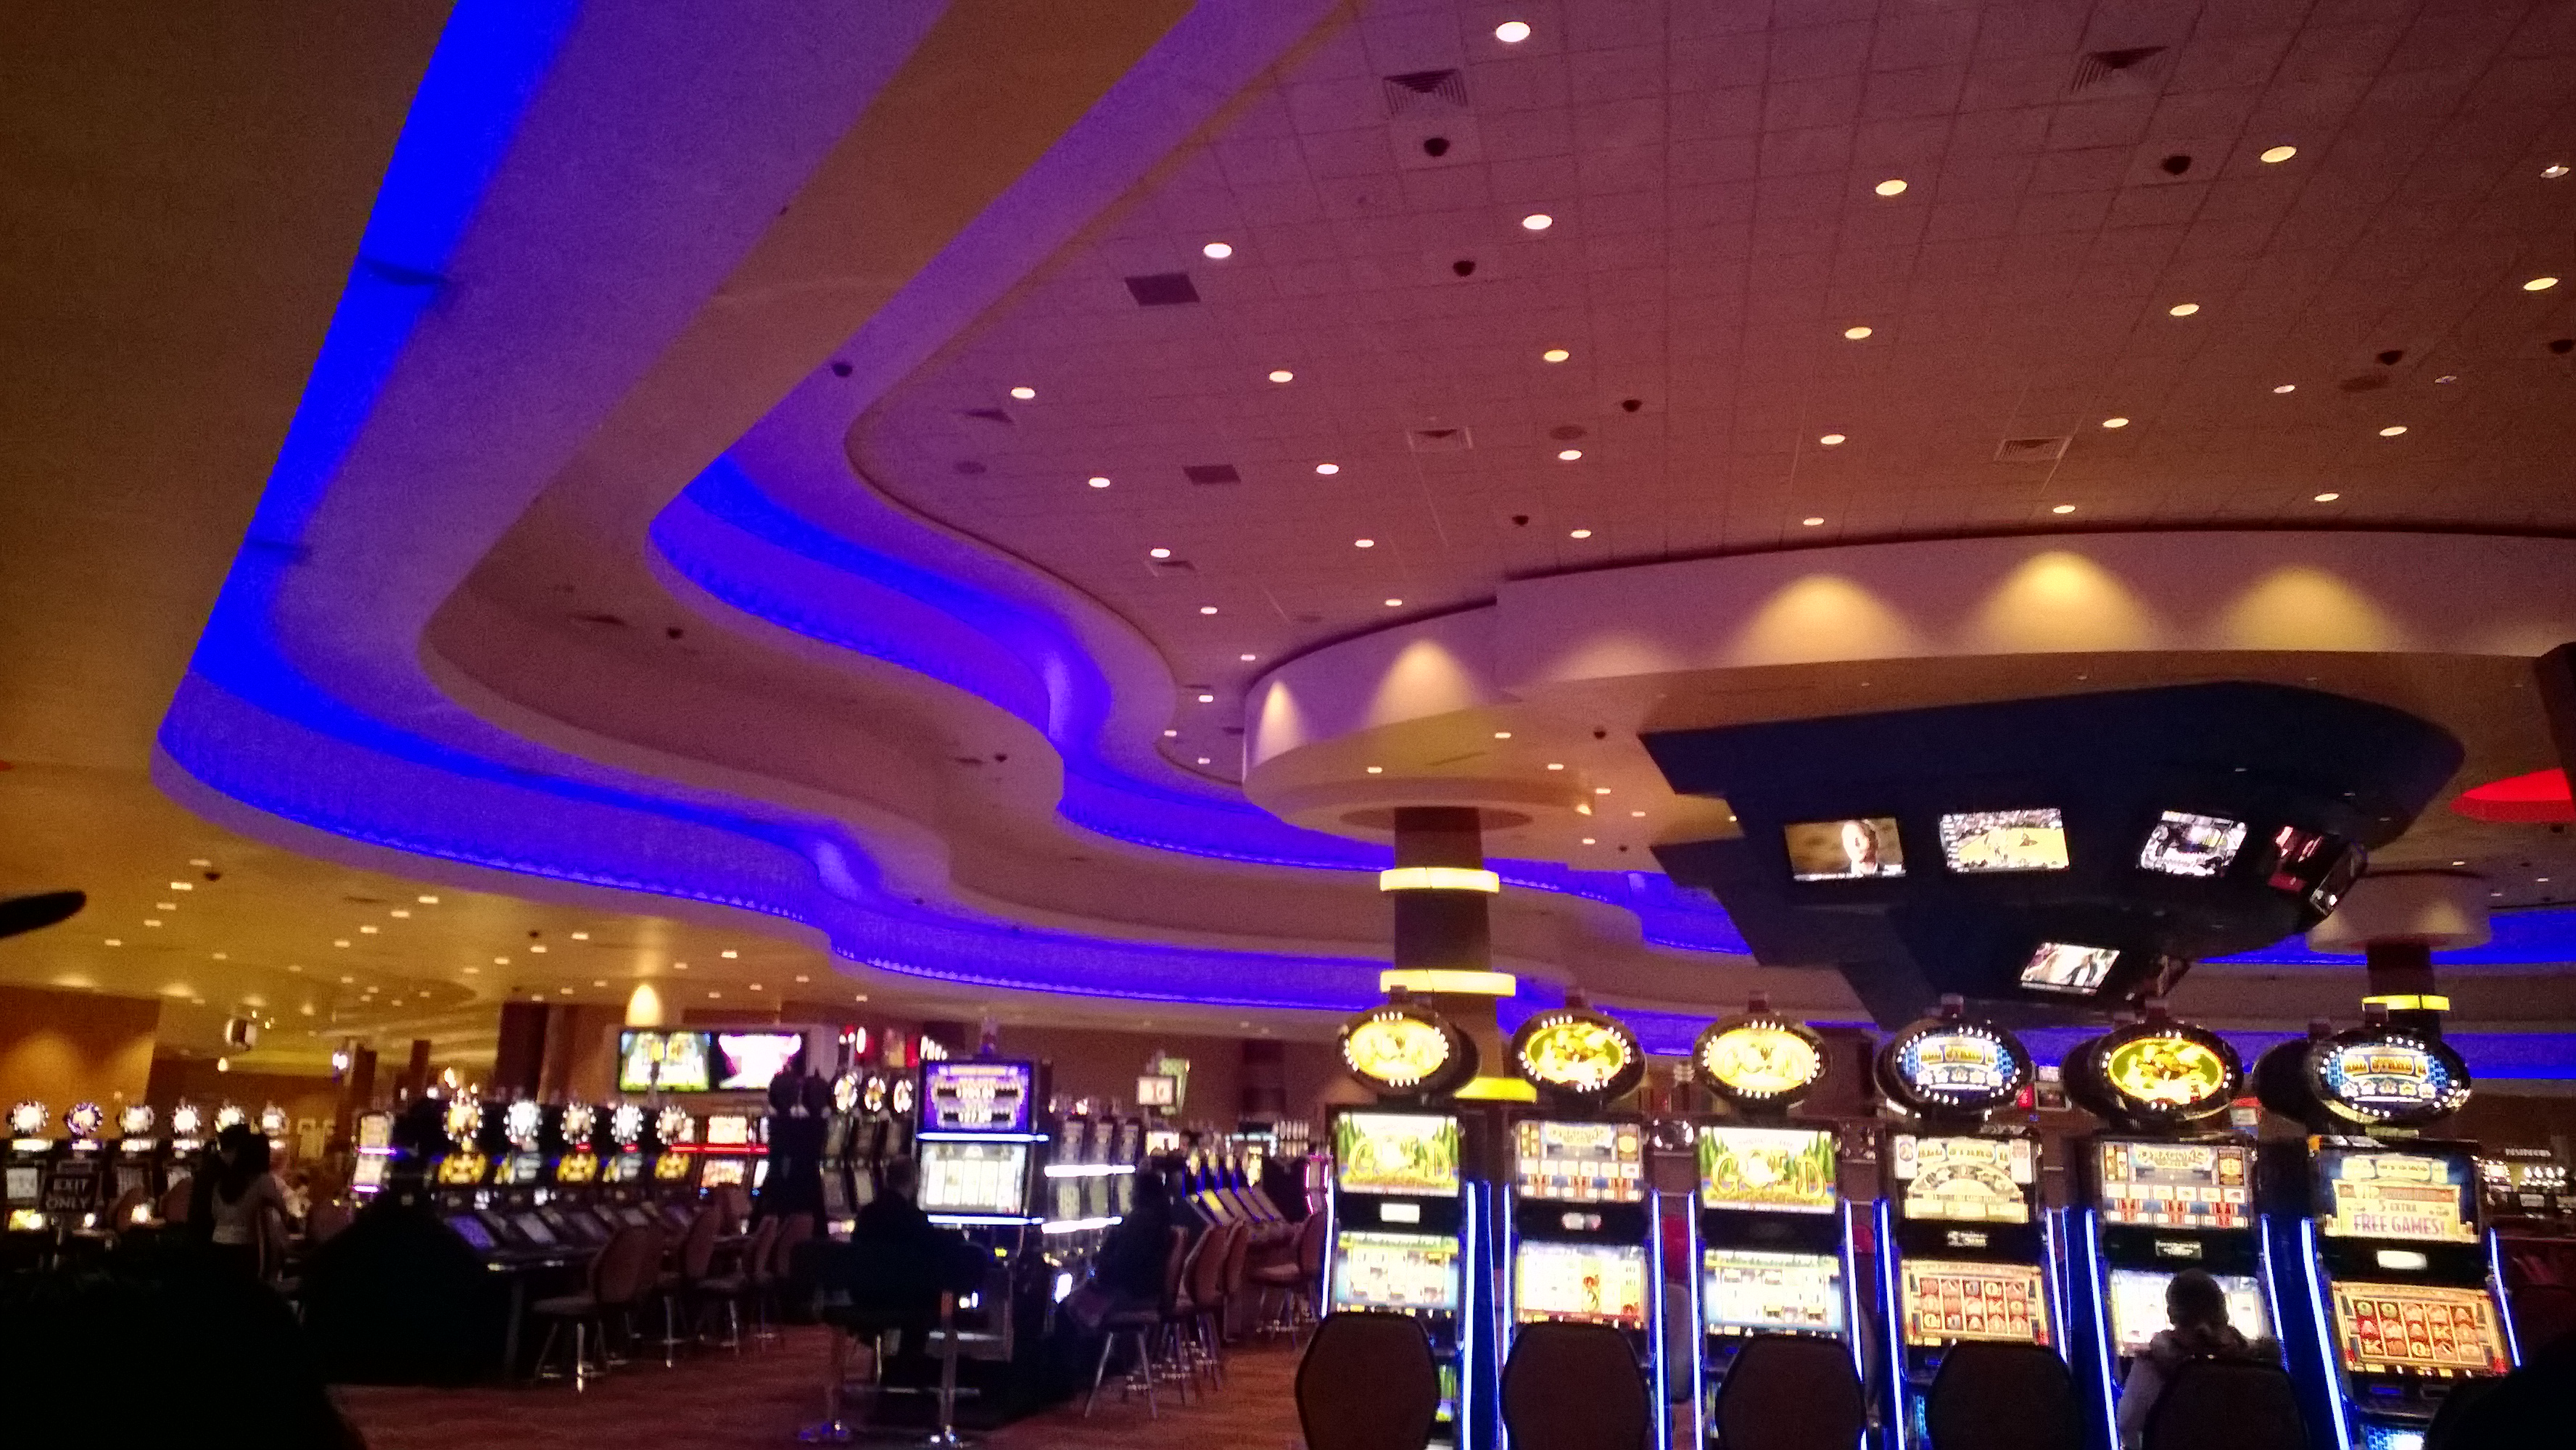 New jumers casino casino arizona tempe